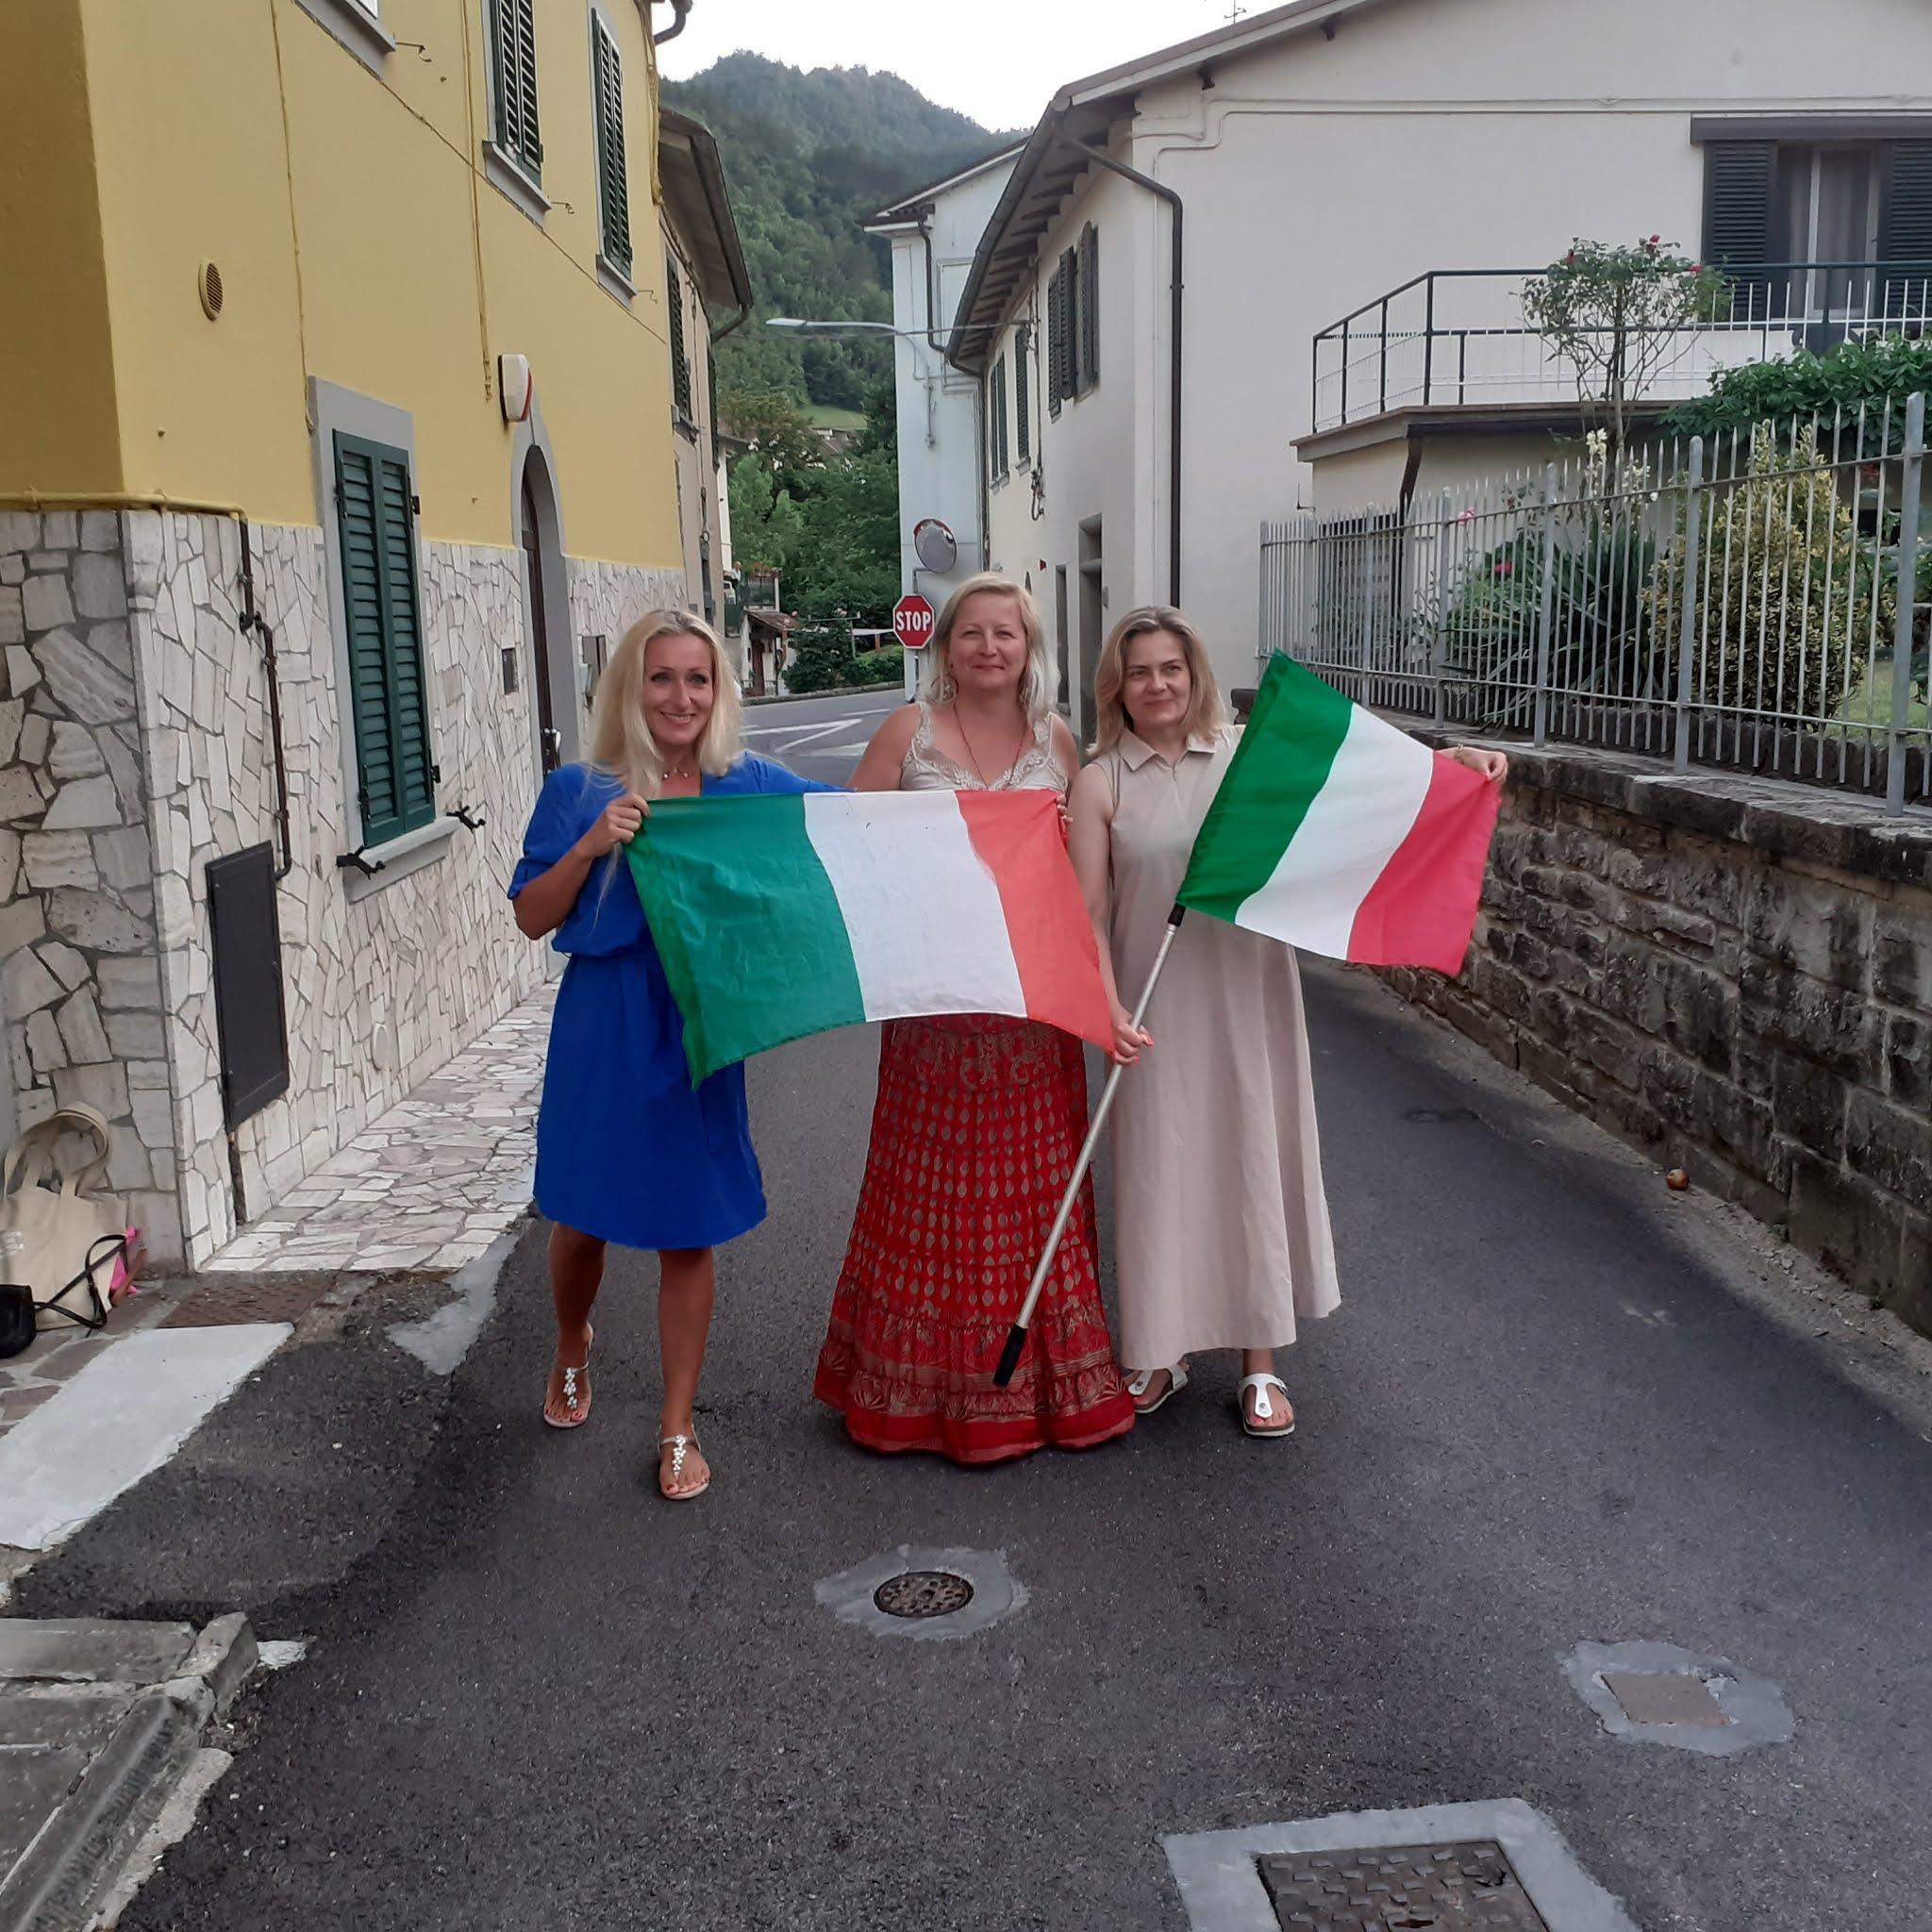 Mistrzostwa Europy - Włosi Campioni